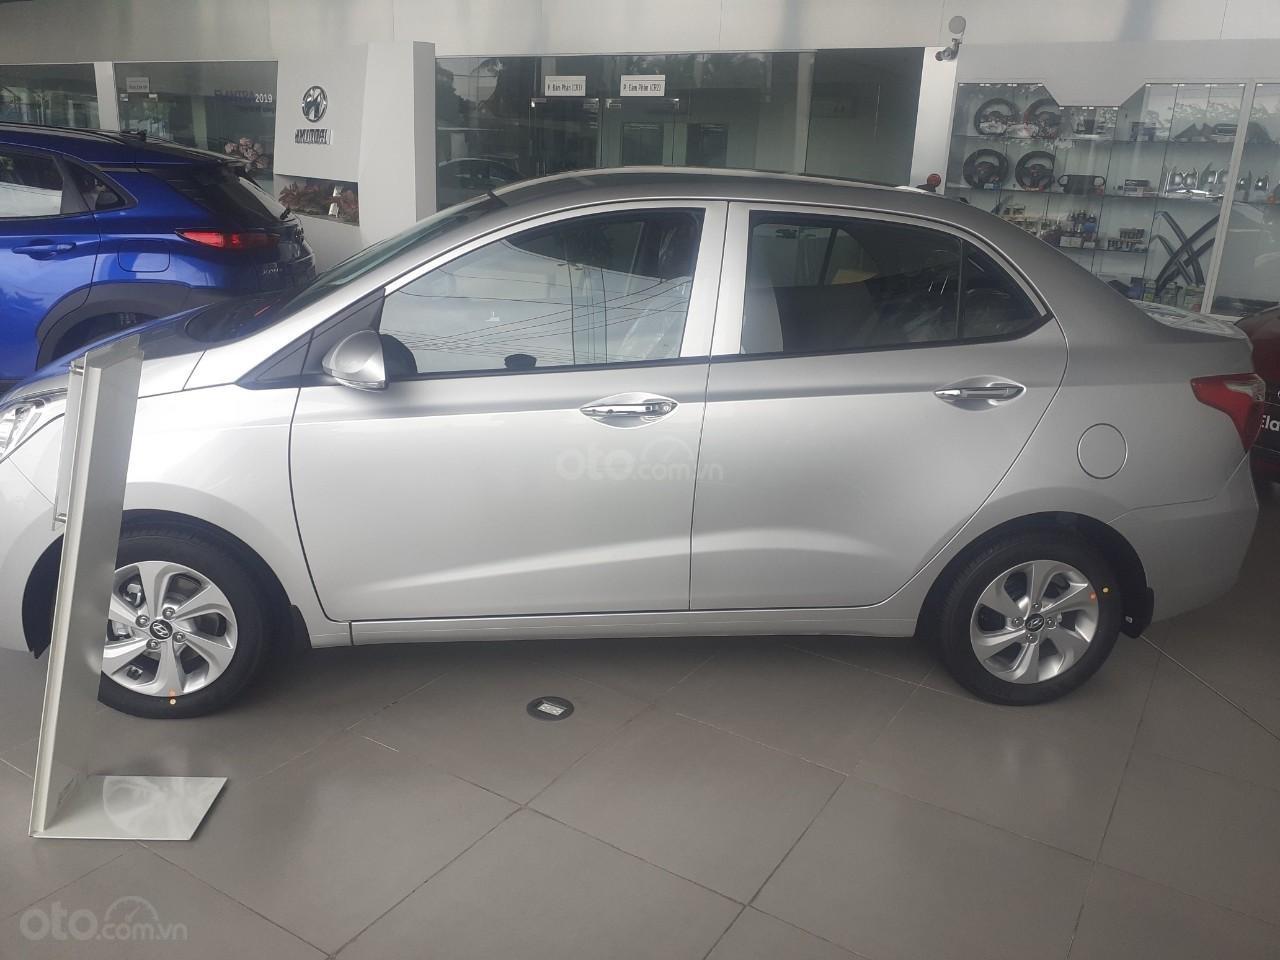 Bán xe Hyundai i10 MT full 2019 giá 360 triệu, cơ hội trúng 100 triệu khi mua xe, xe mới 100% (2)